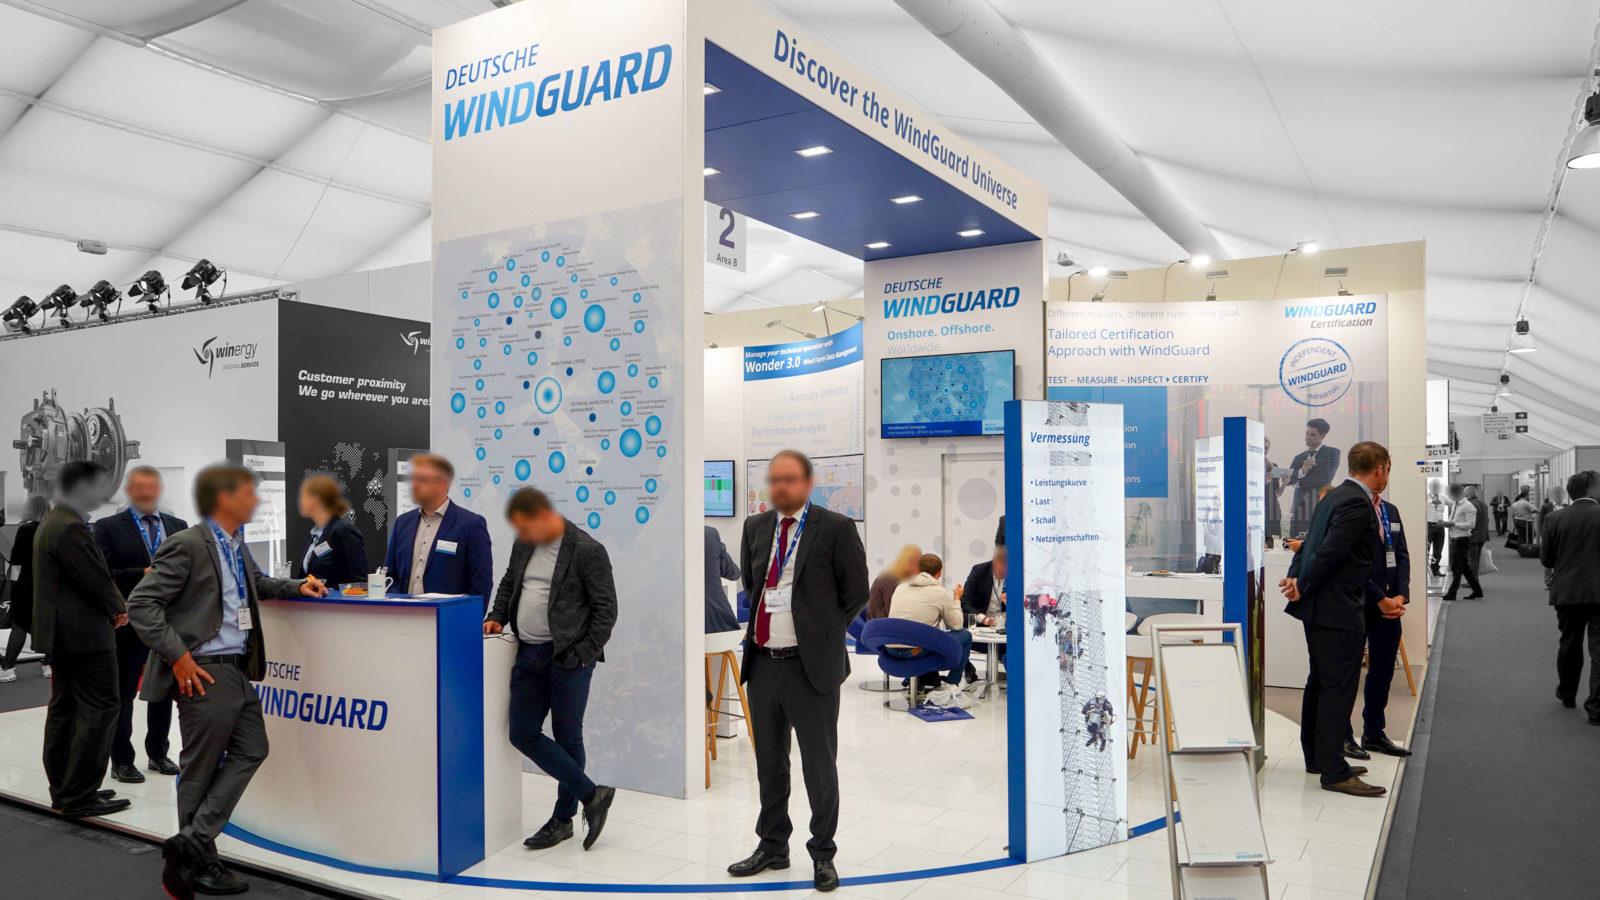 Preuss_Messe_DeutscheWindguard_HusumWind19-001